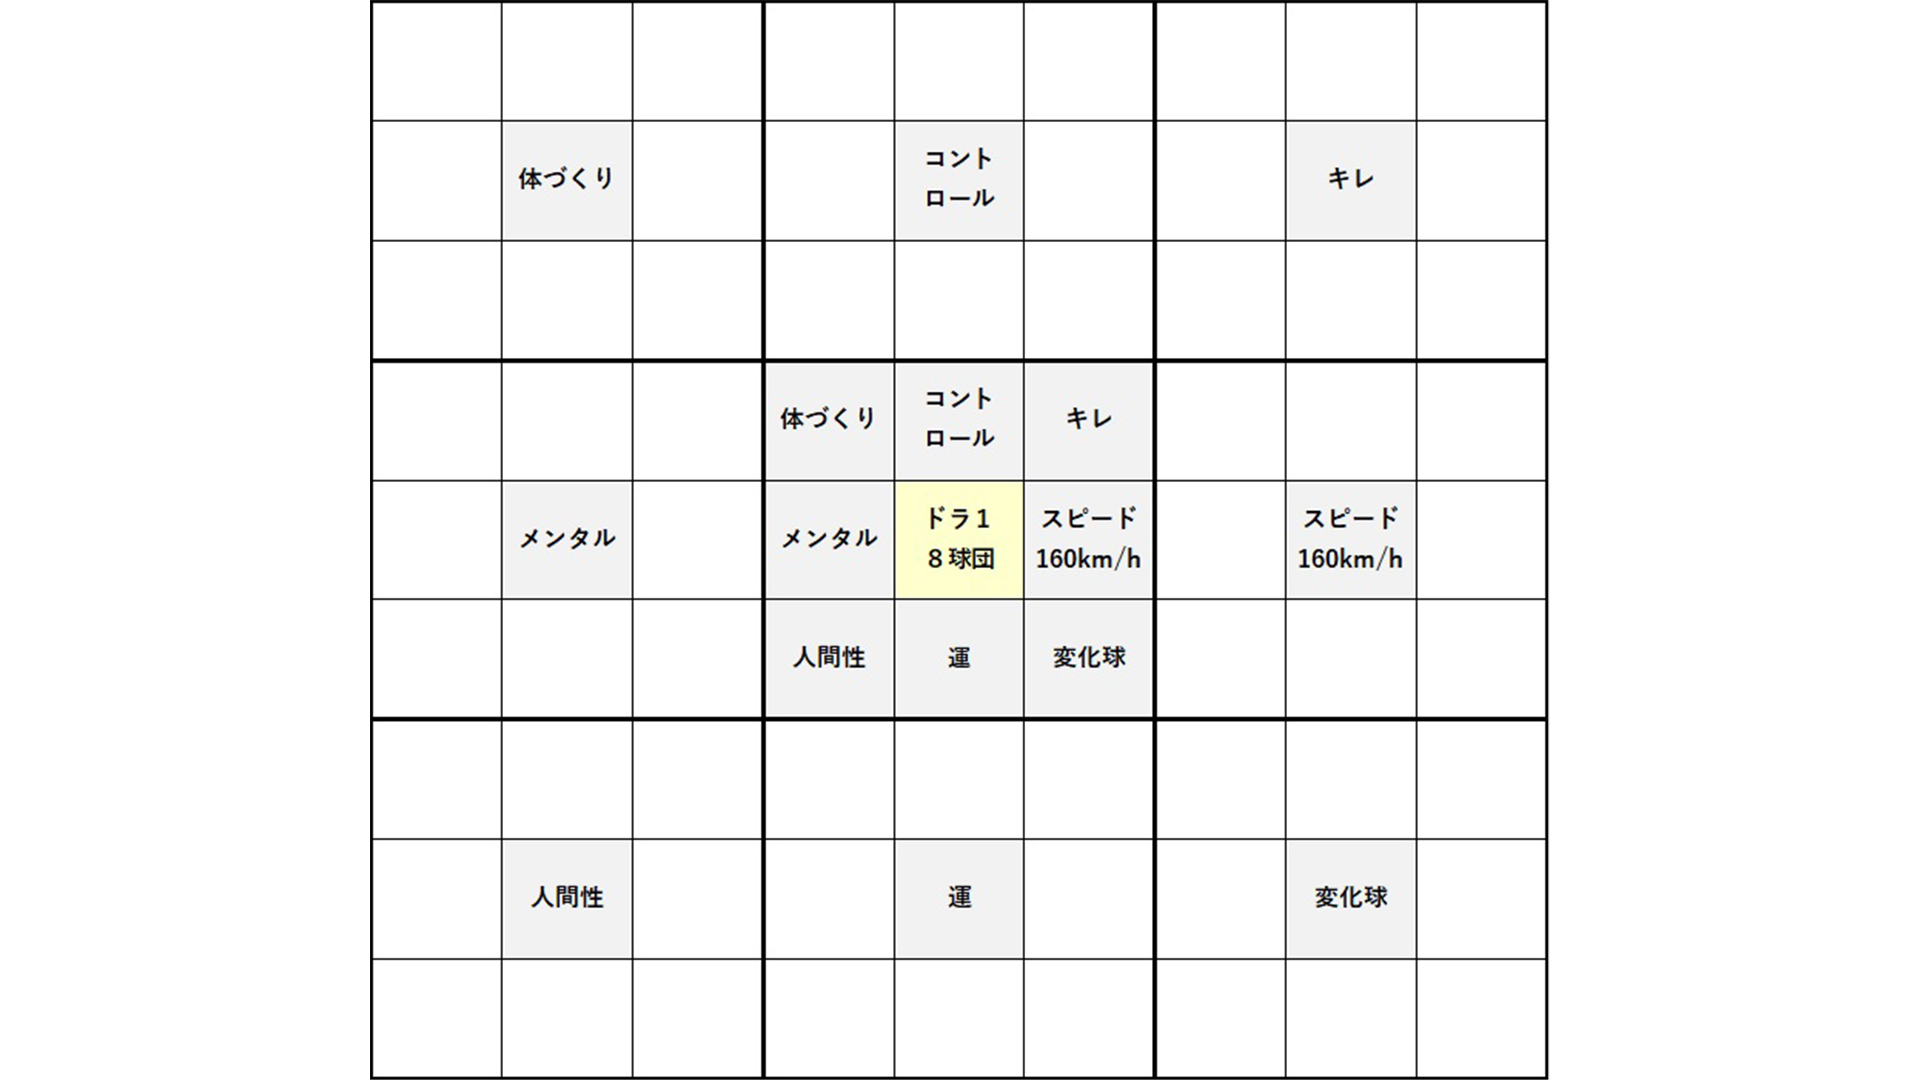 中央を囲む8つの枠の各中央マスに「3」の内容を記載